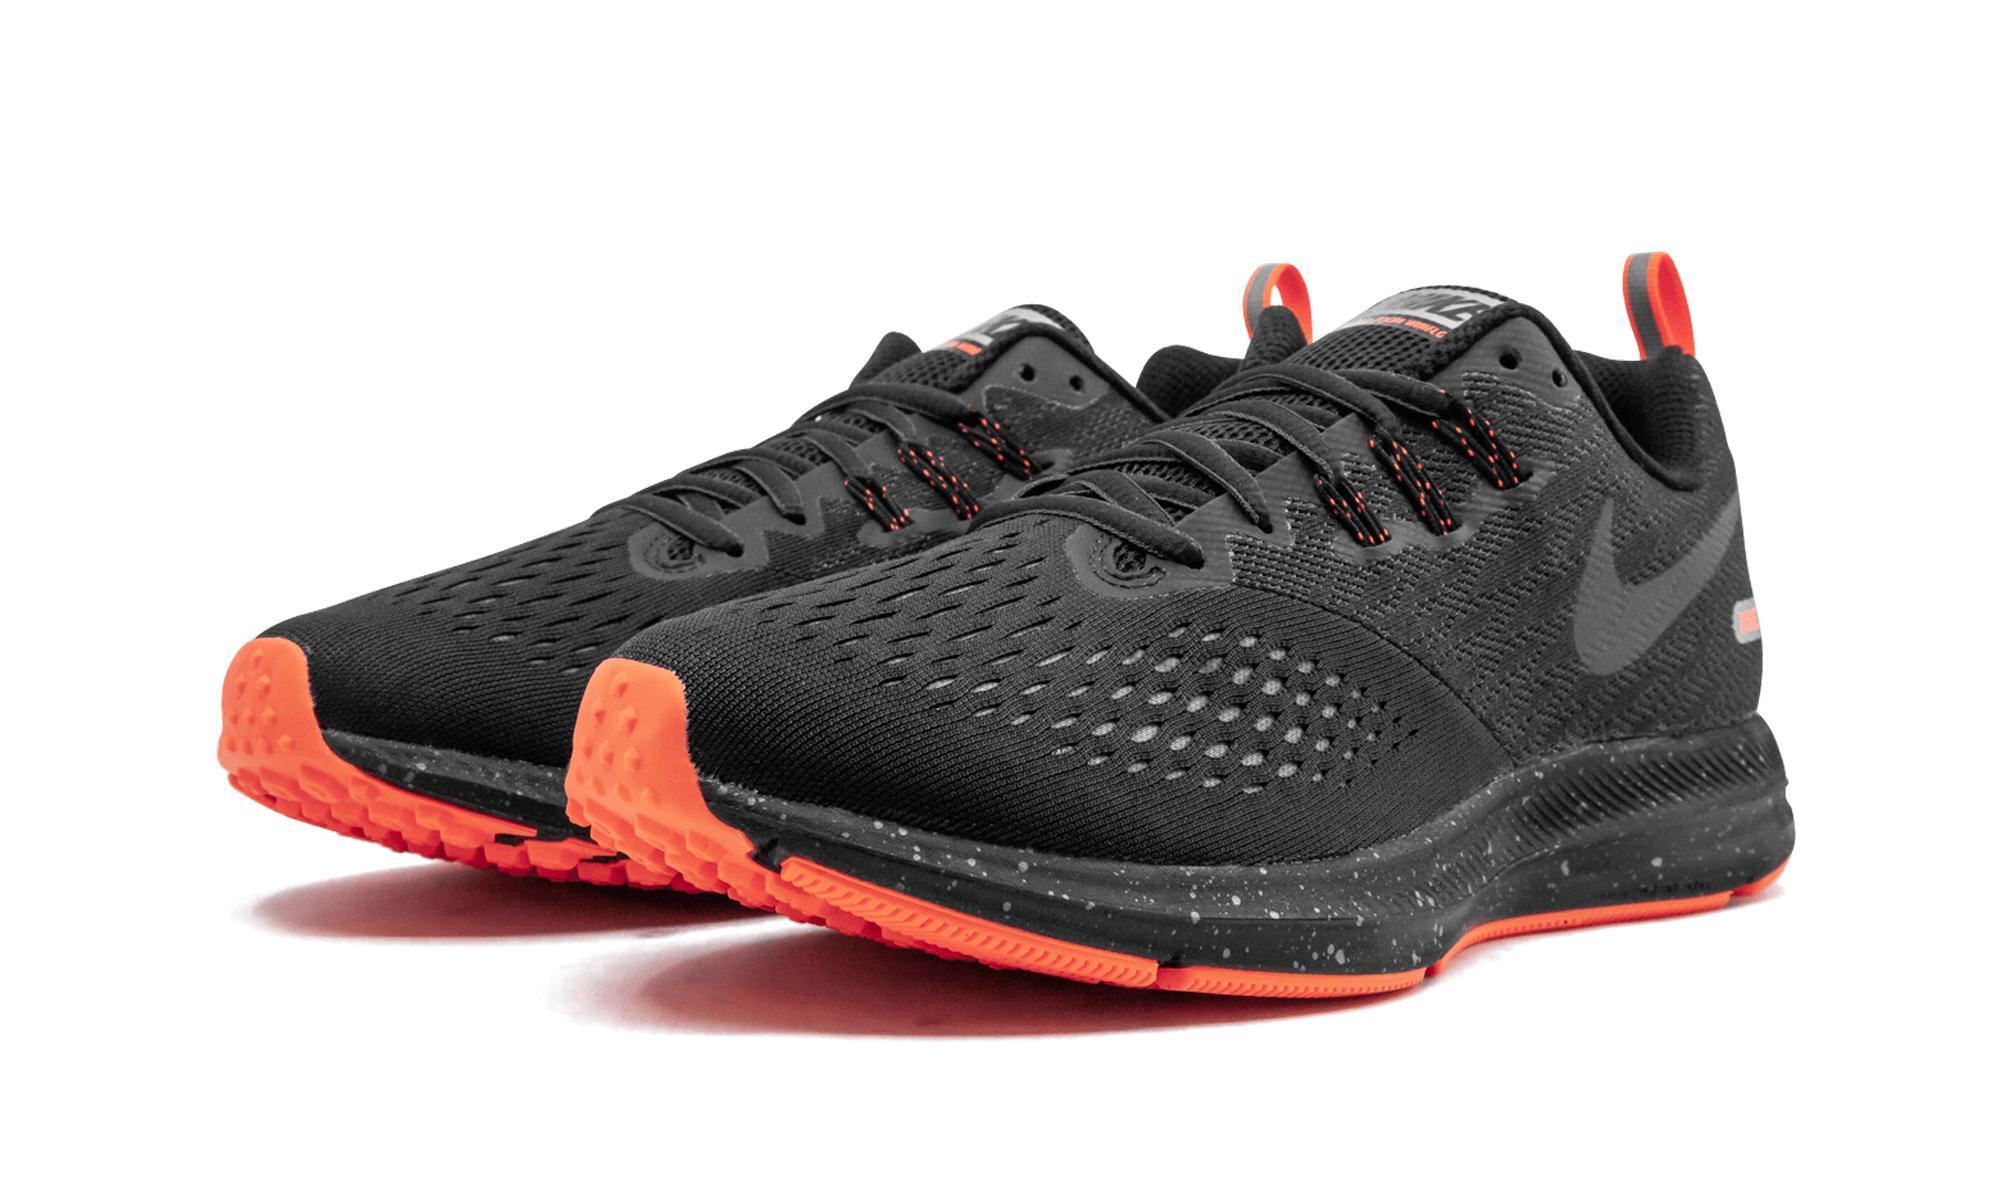 Lyst - Nike Zoom Winflo 4 Shield in Black for Men 9438474e4